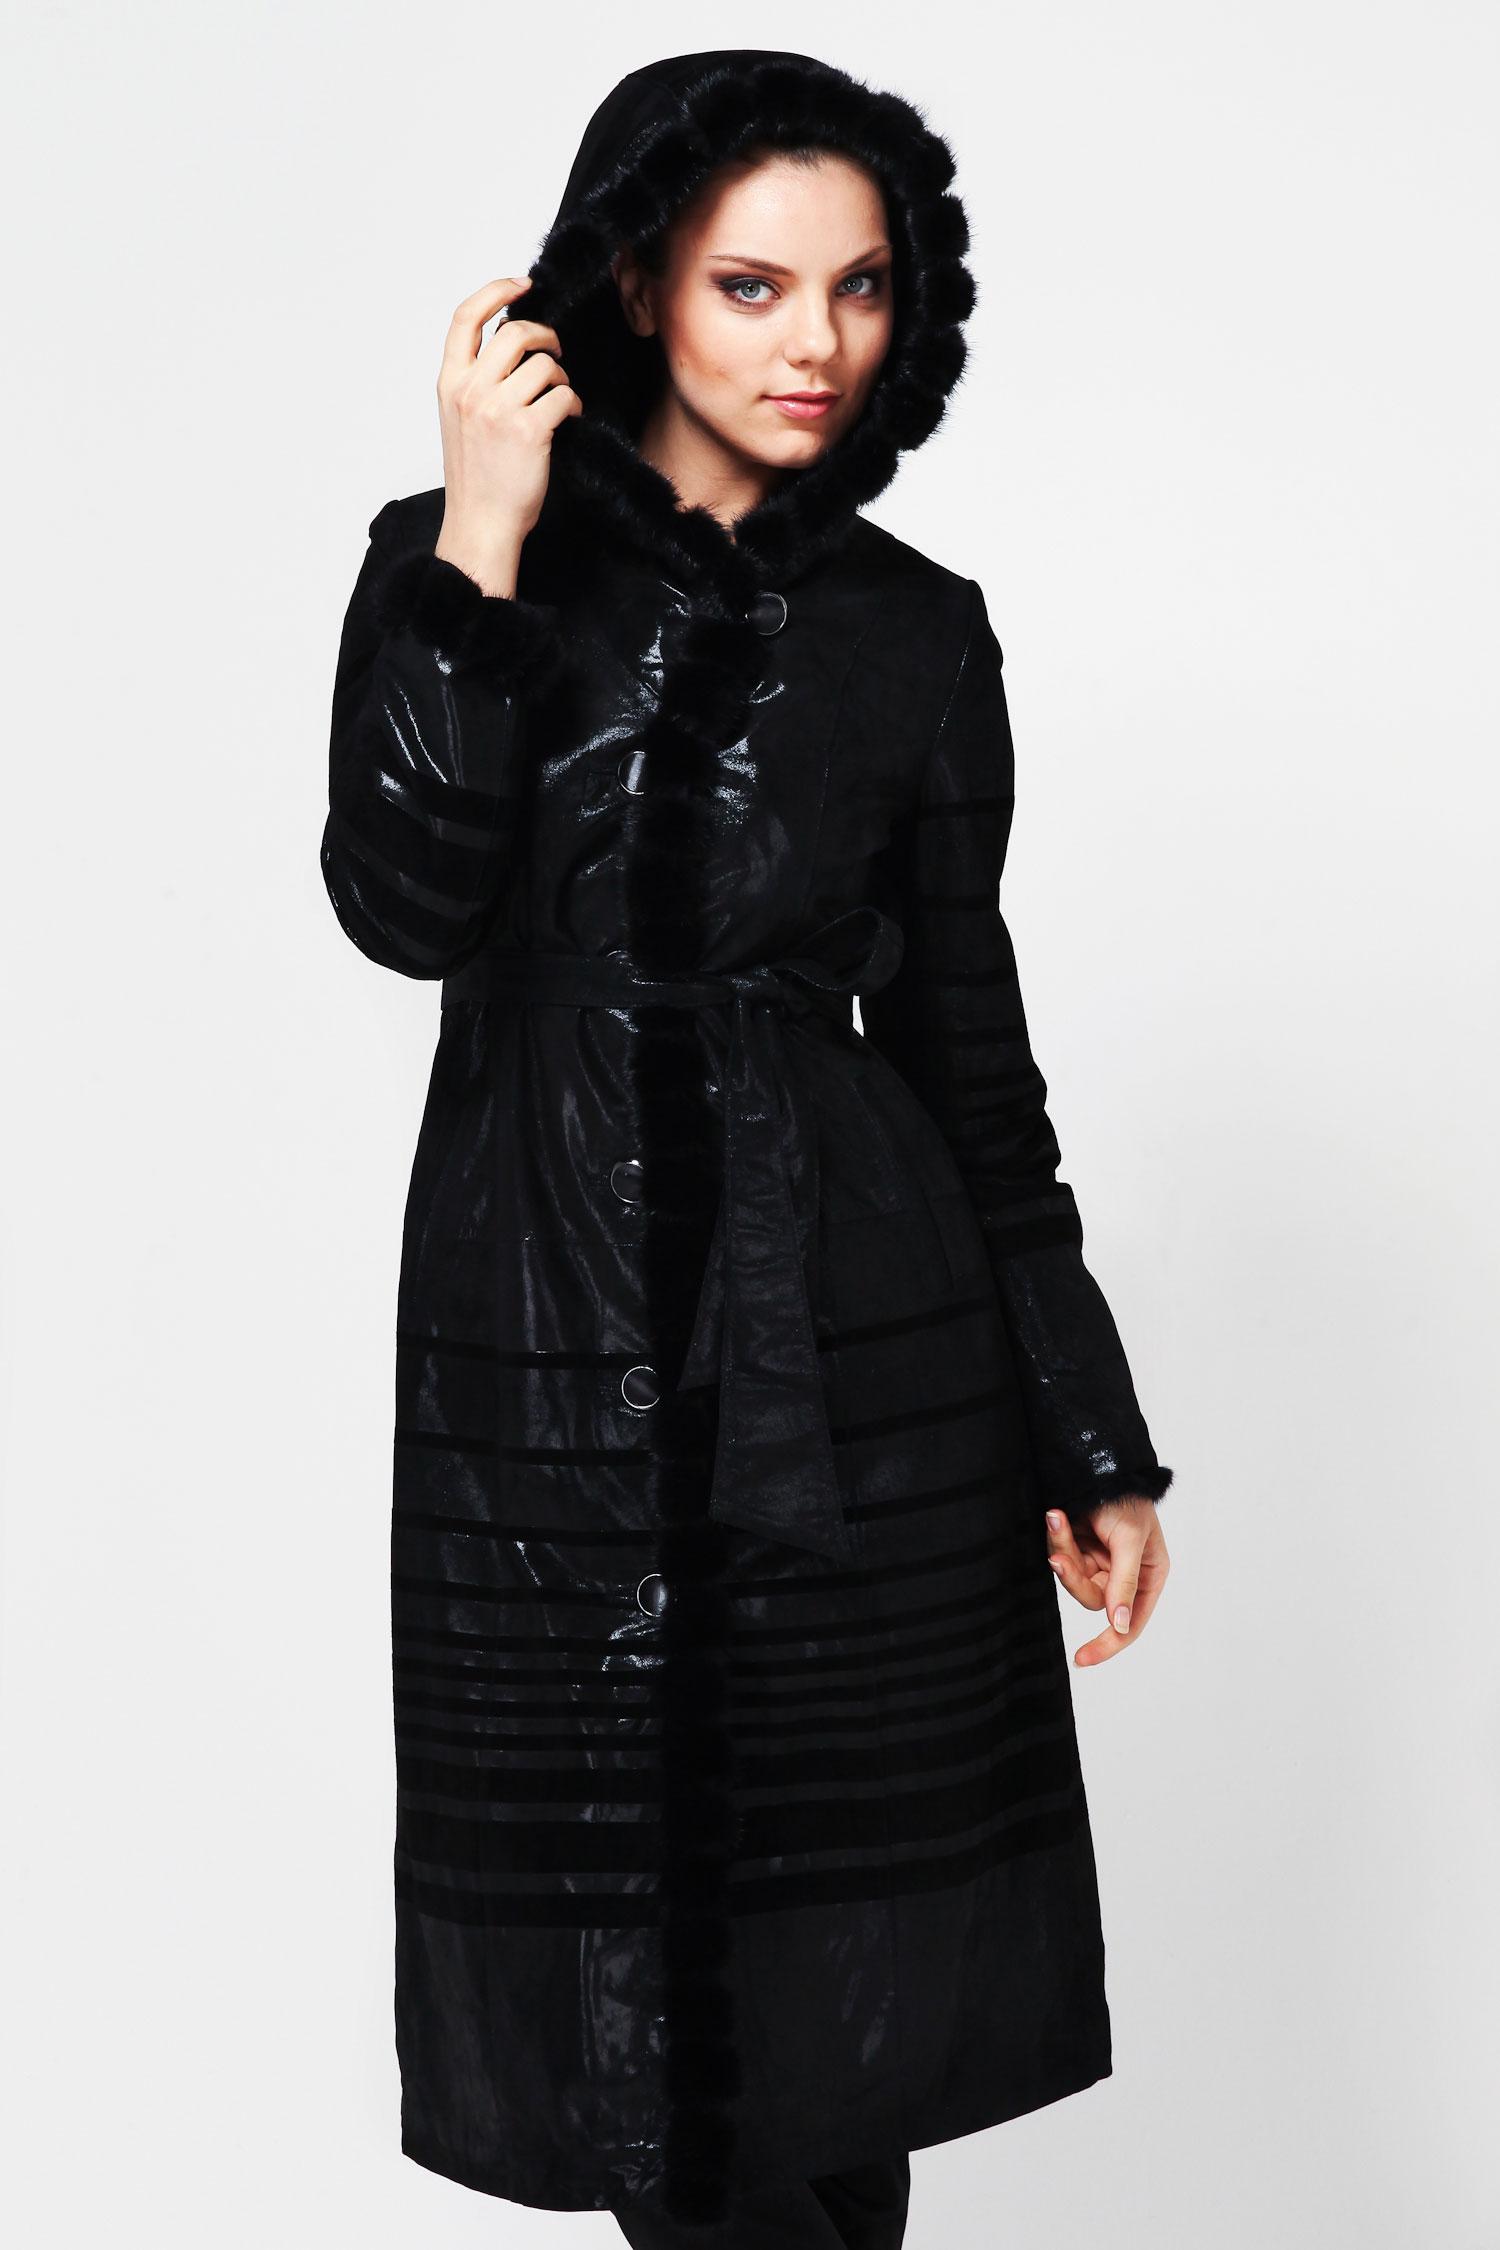 Пальто из натуральной замши (с накатом) с капюшоном, отделка норкаСтильное пальто станет незаменимой вещью в женском гардеробе. Изделие выполнено из натуральной кожи. Застегивается на декоративные пуговицы. Украшением служат роскошный капюшон, который идет в отделке из норки, а также рукава и борт полупальто. Стильный вариант для прохладной погоды.<br><br>Воротник: Капюшон<br>Длина см: 120<br>Материал: Замша с накатом<br>Цвет: Черный<br>Вид застежки: Норка<br>Пол: Женский